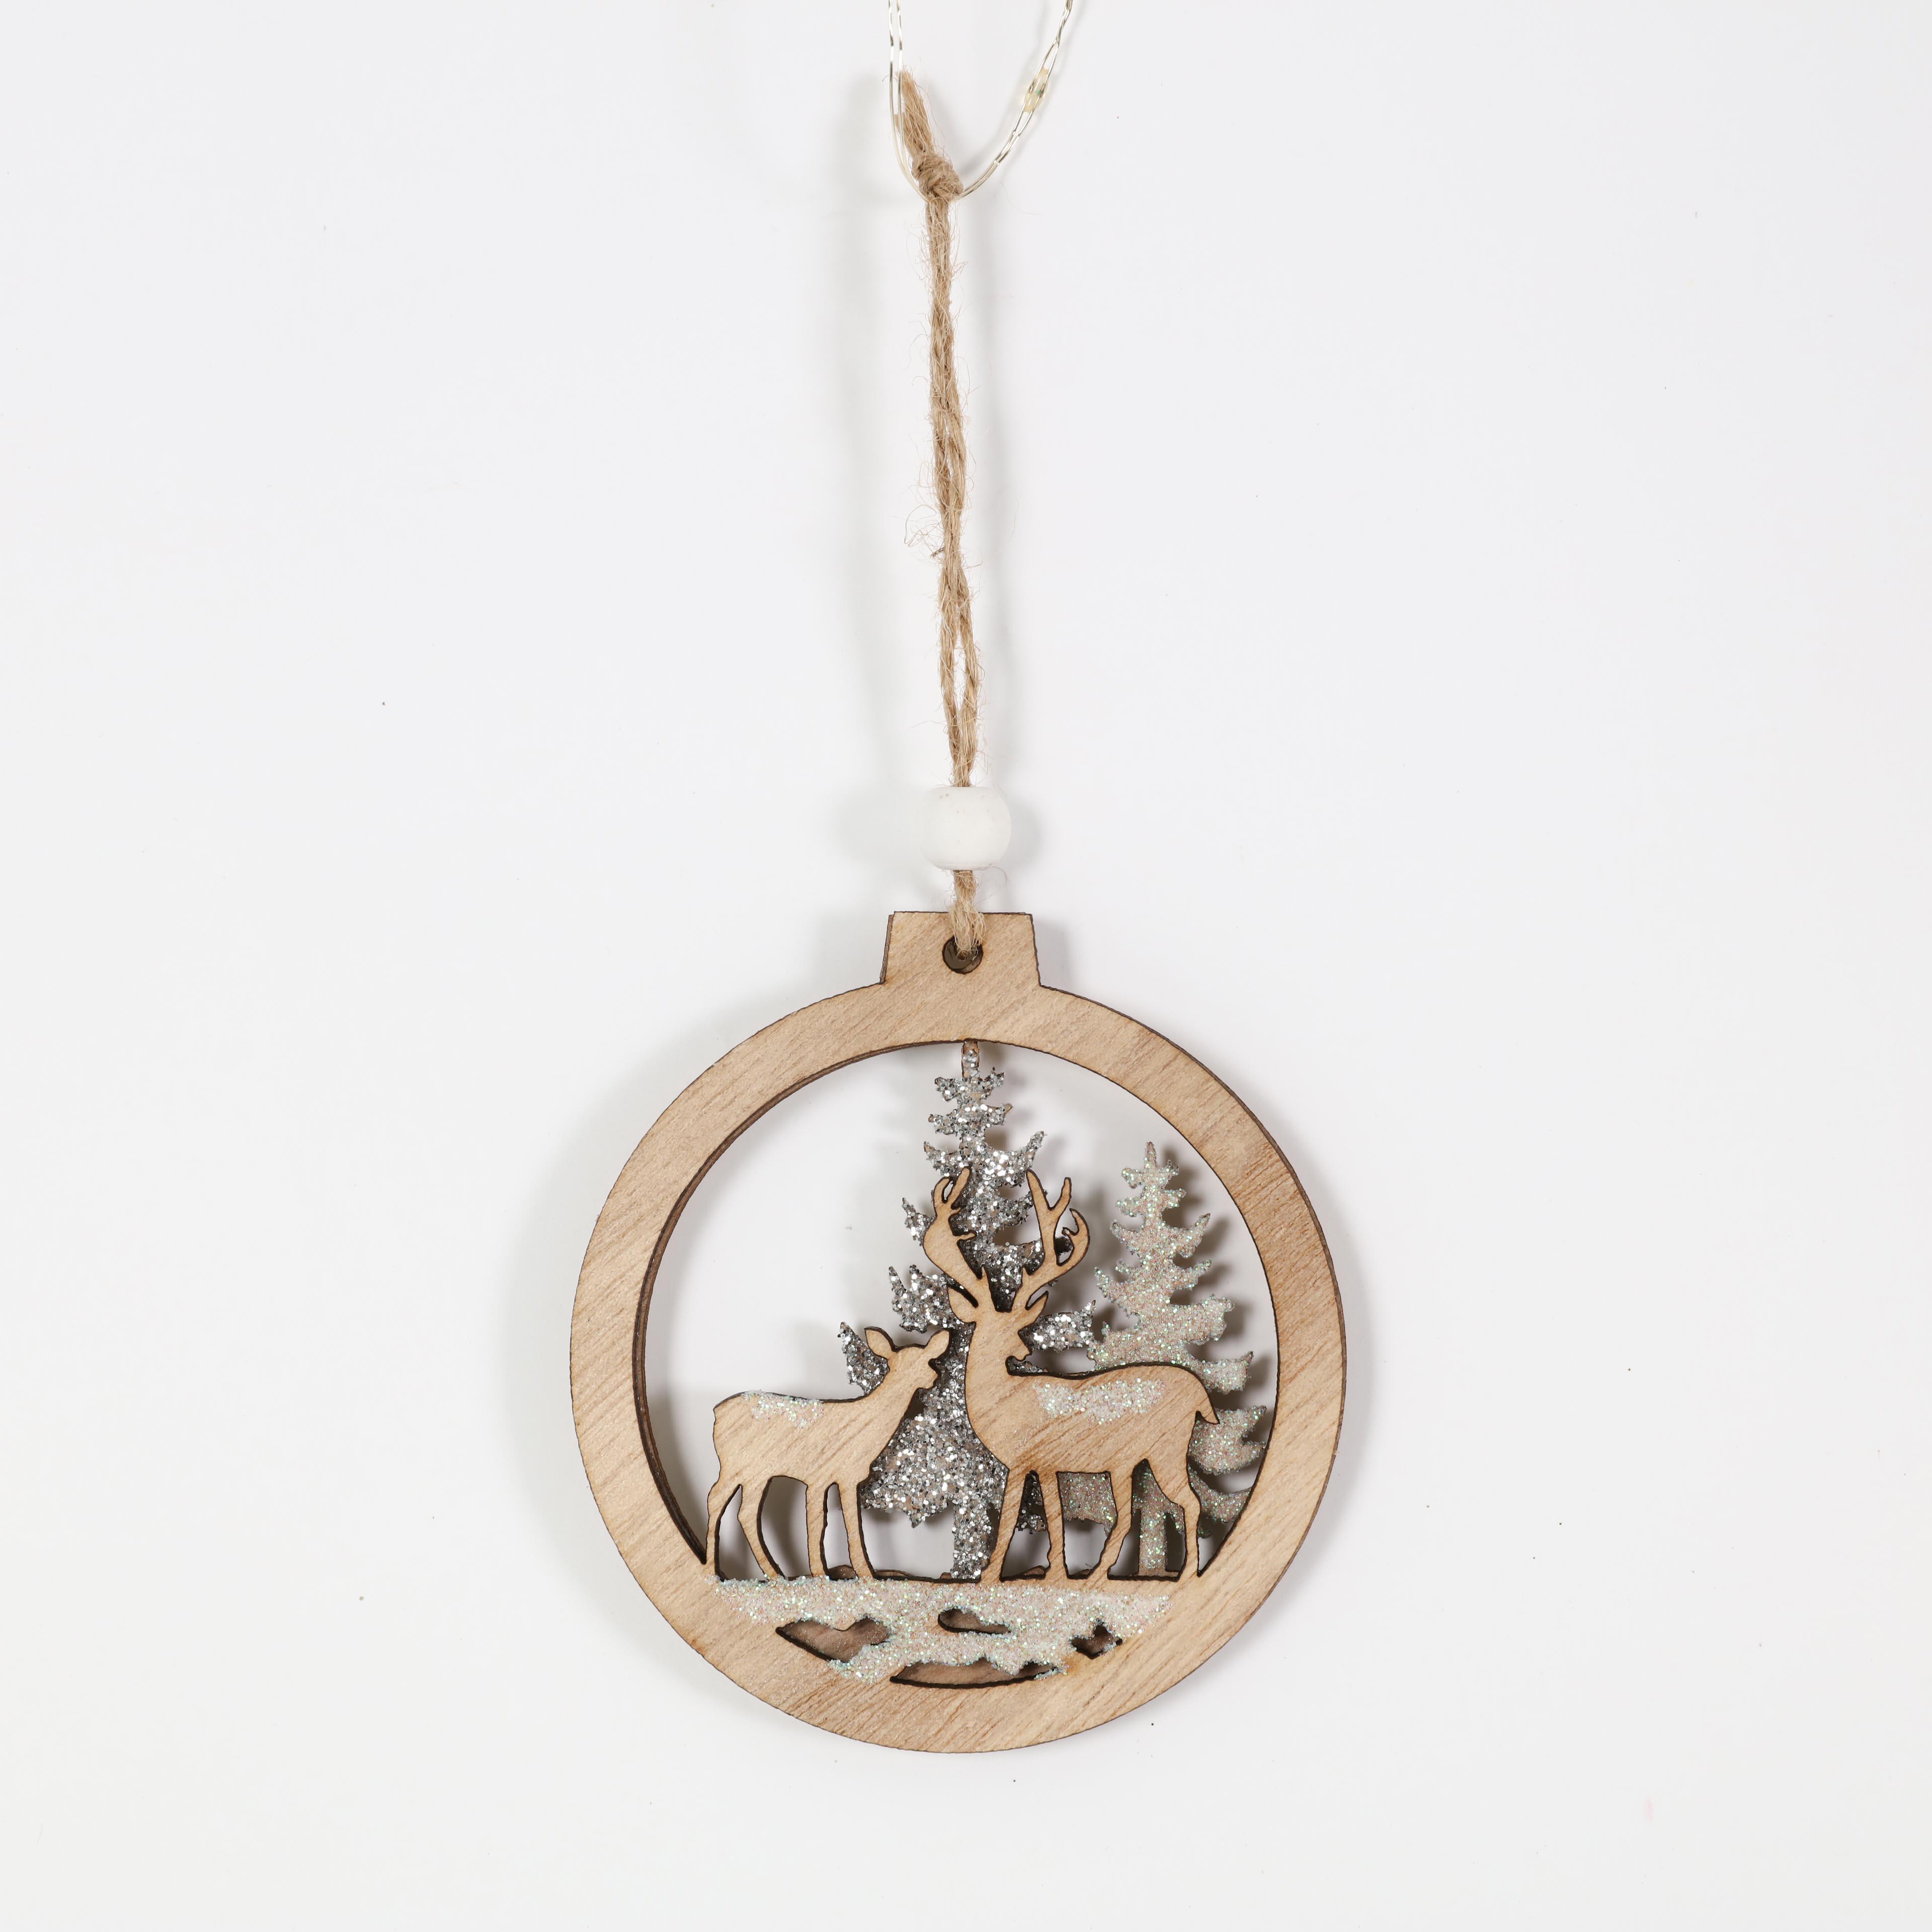 Рождественская деревянная круглая форма подвесное украшение дерево подвески с оленем дерево дизайн для фестиваля украшение сделано из фанеры|Кулоны и подвески| | АлиЭкспресс